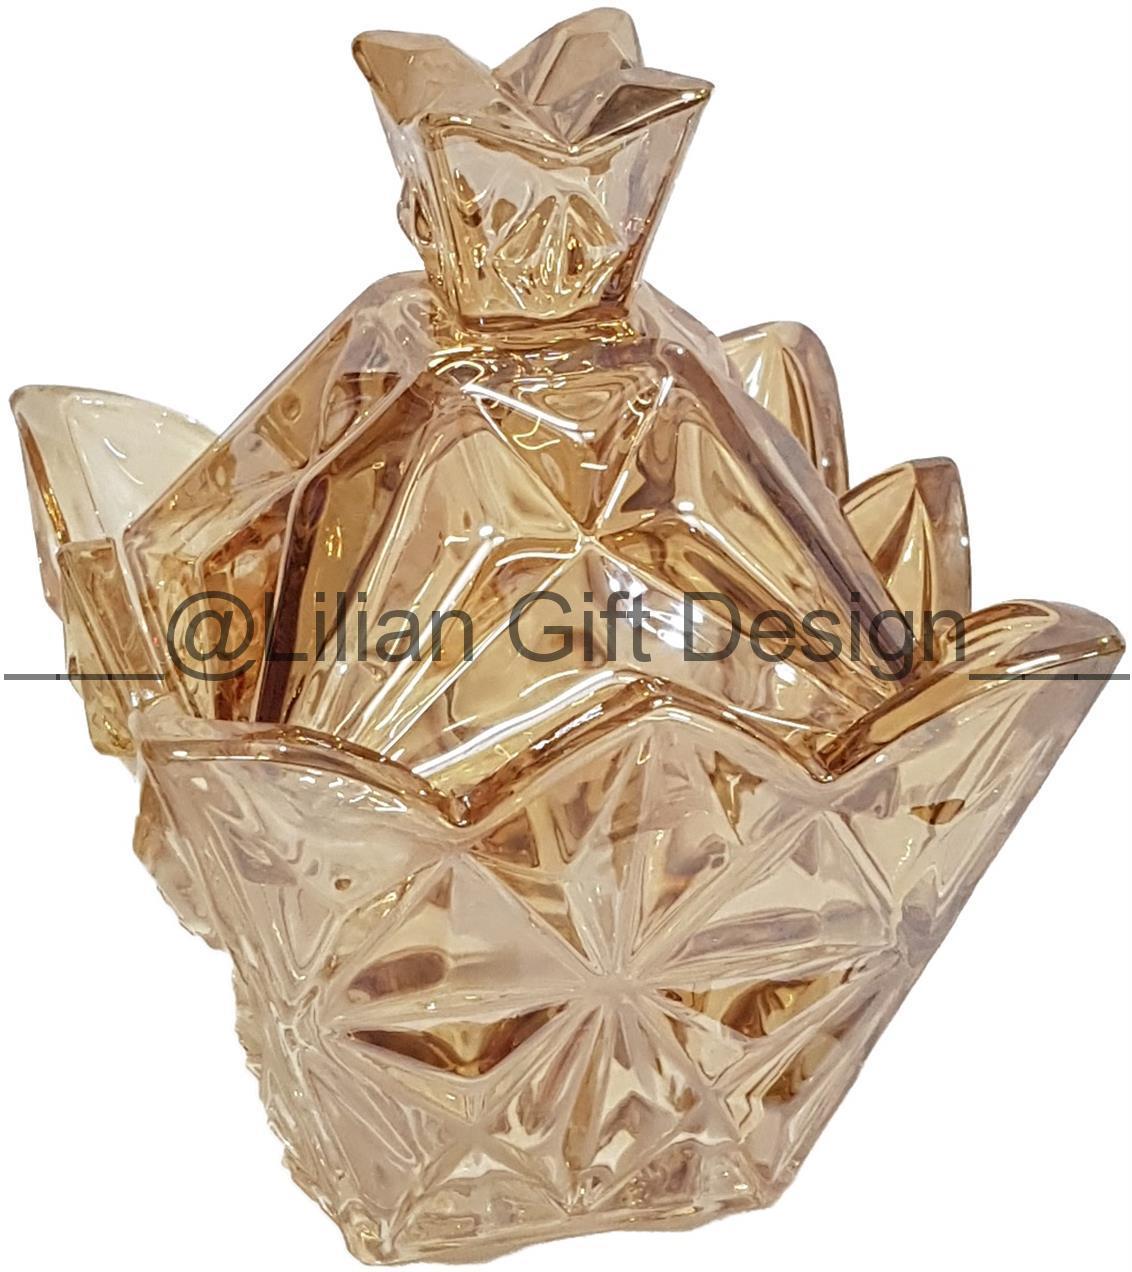 Vaso de vidro 13,5 x 10 cm.